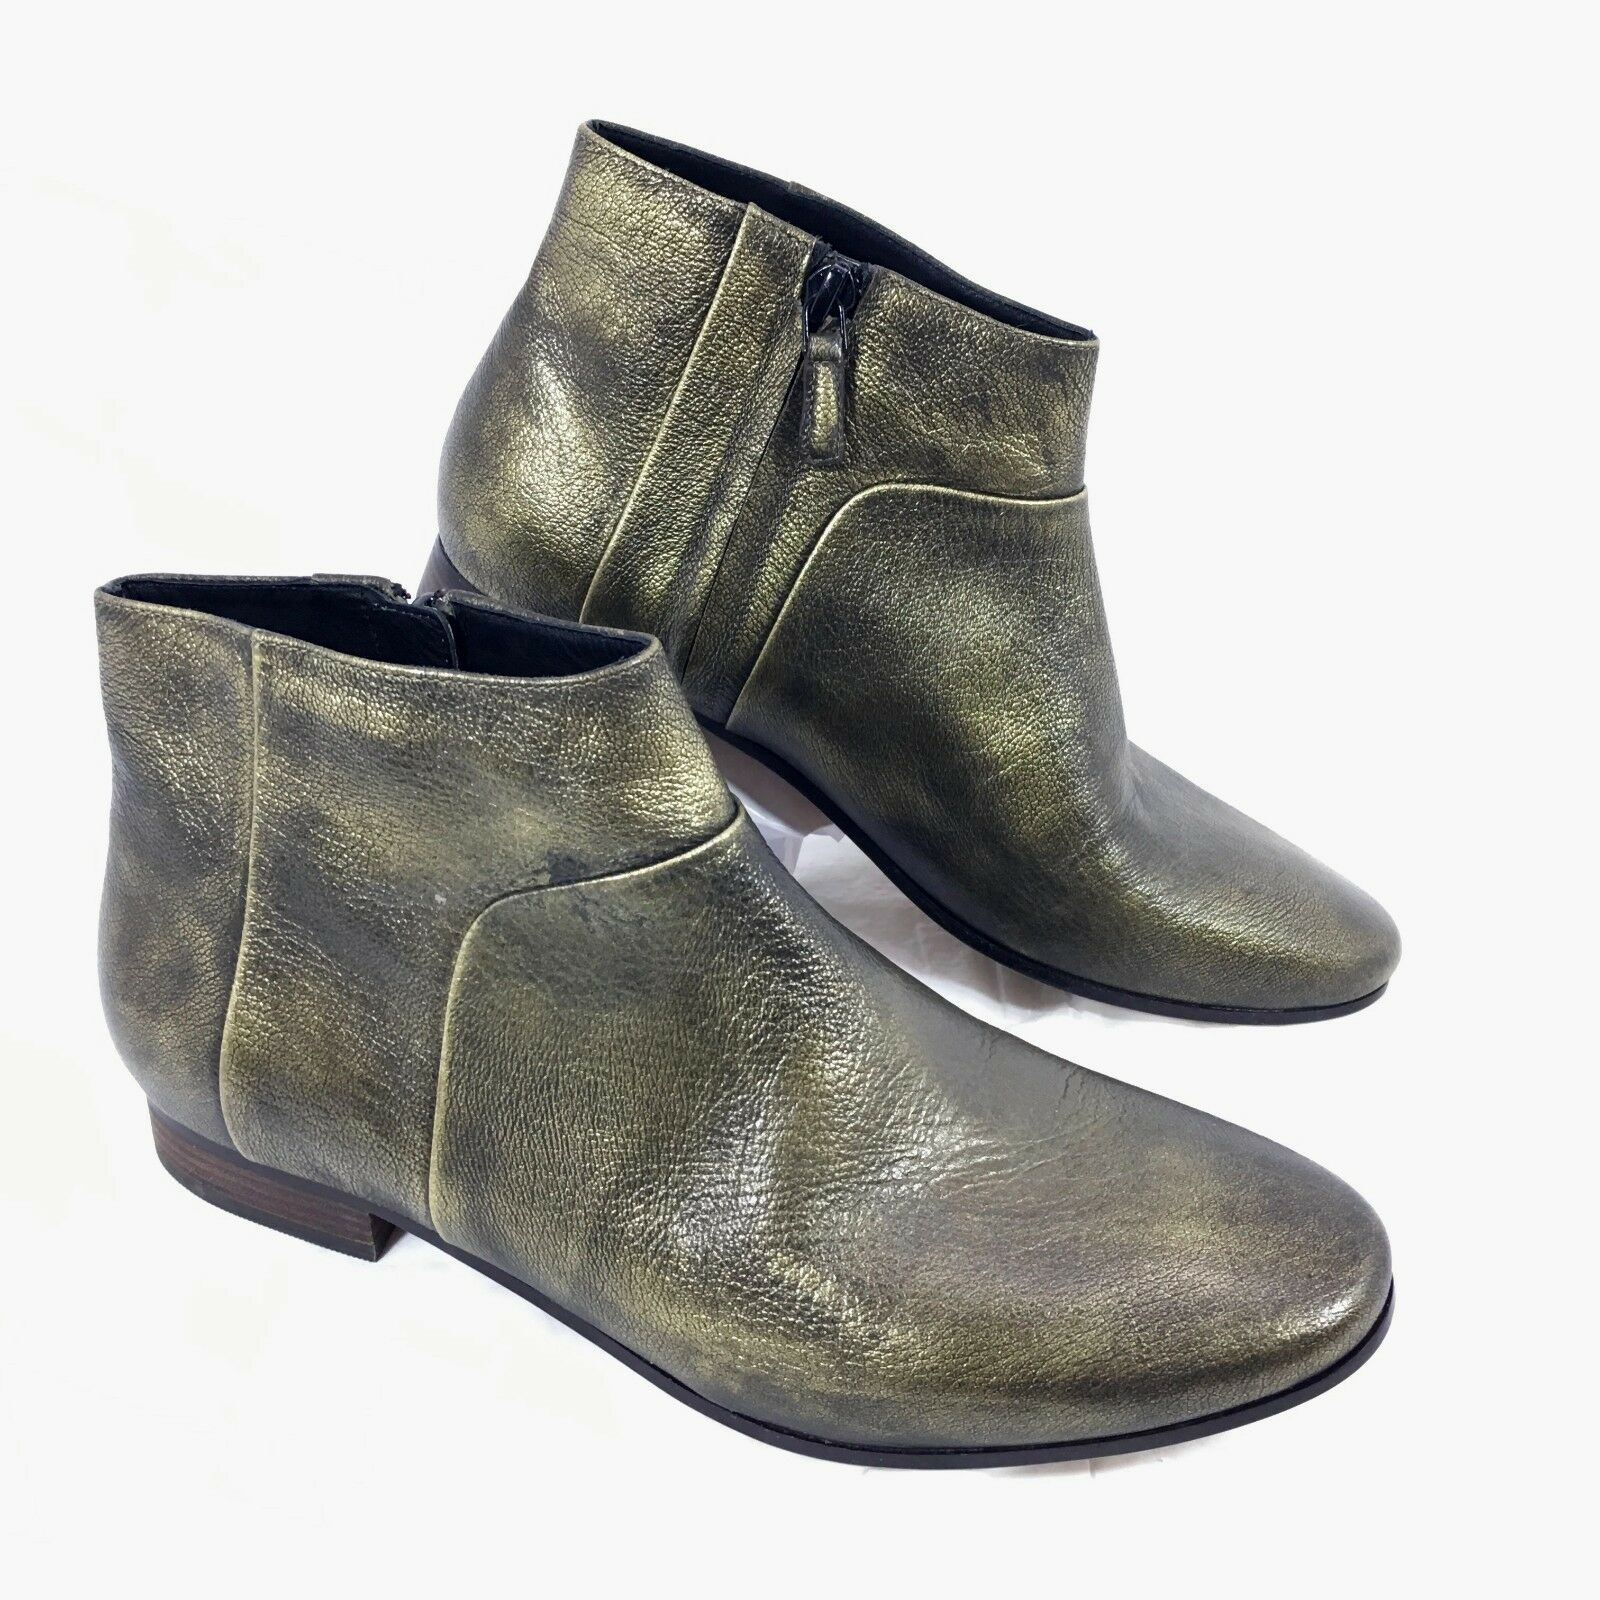 Nuevo para mujer Cole Haan Allen botaie Metálico Bronce Bronce Bronce Cuero Tobillo botas Sz 7.5 B  mejor calidad mejor precio